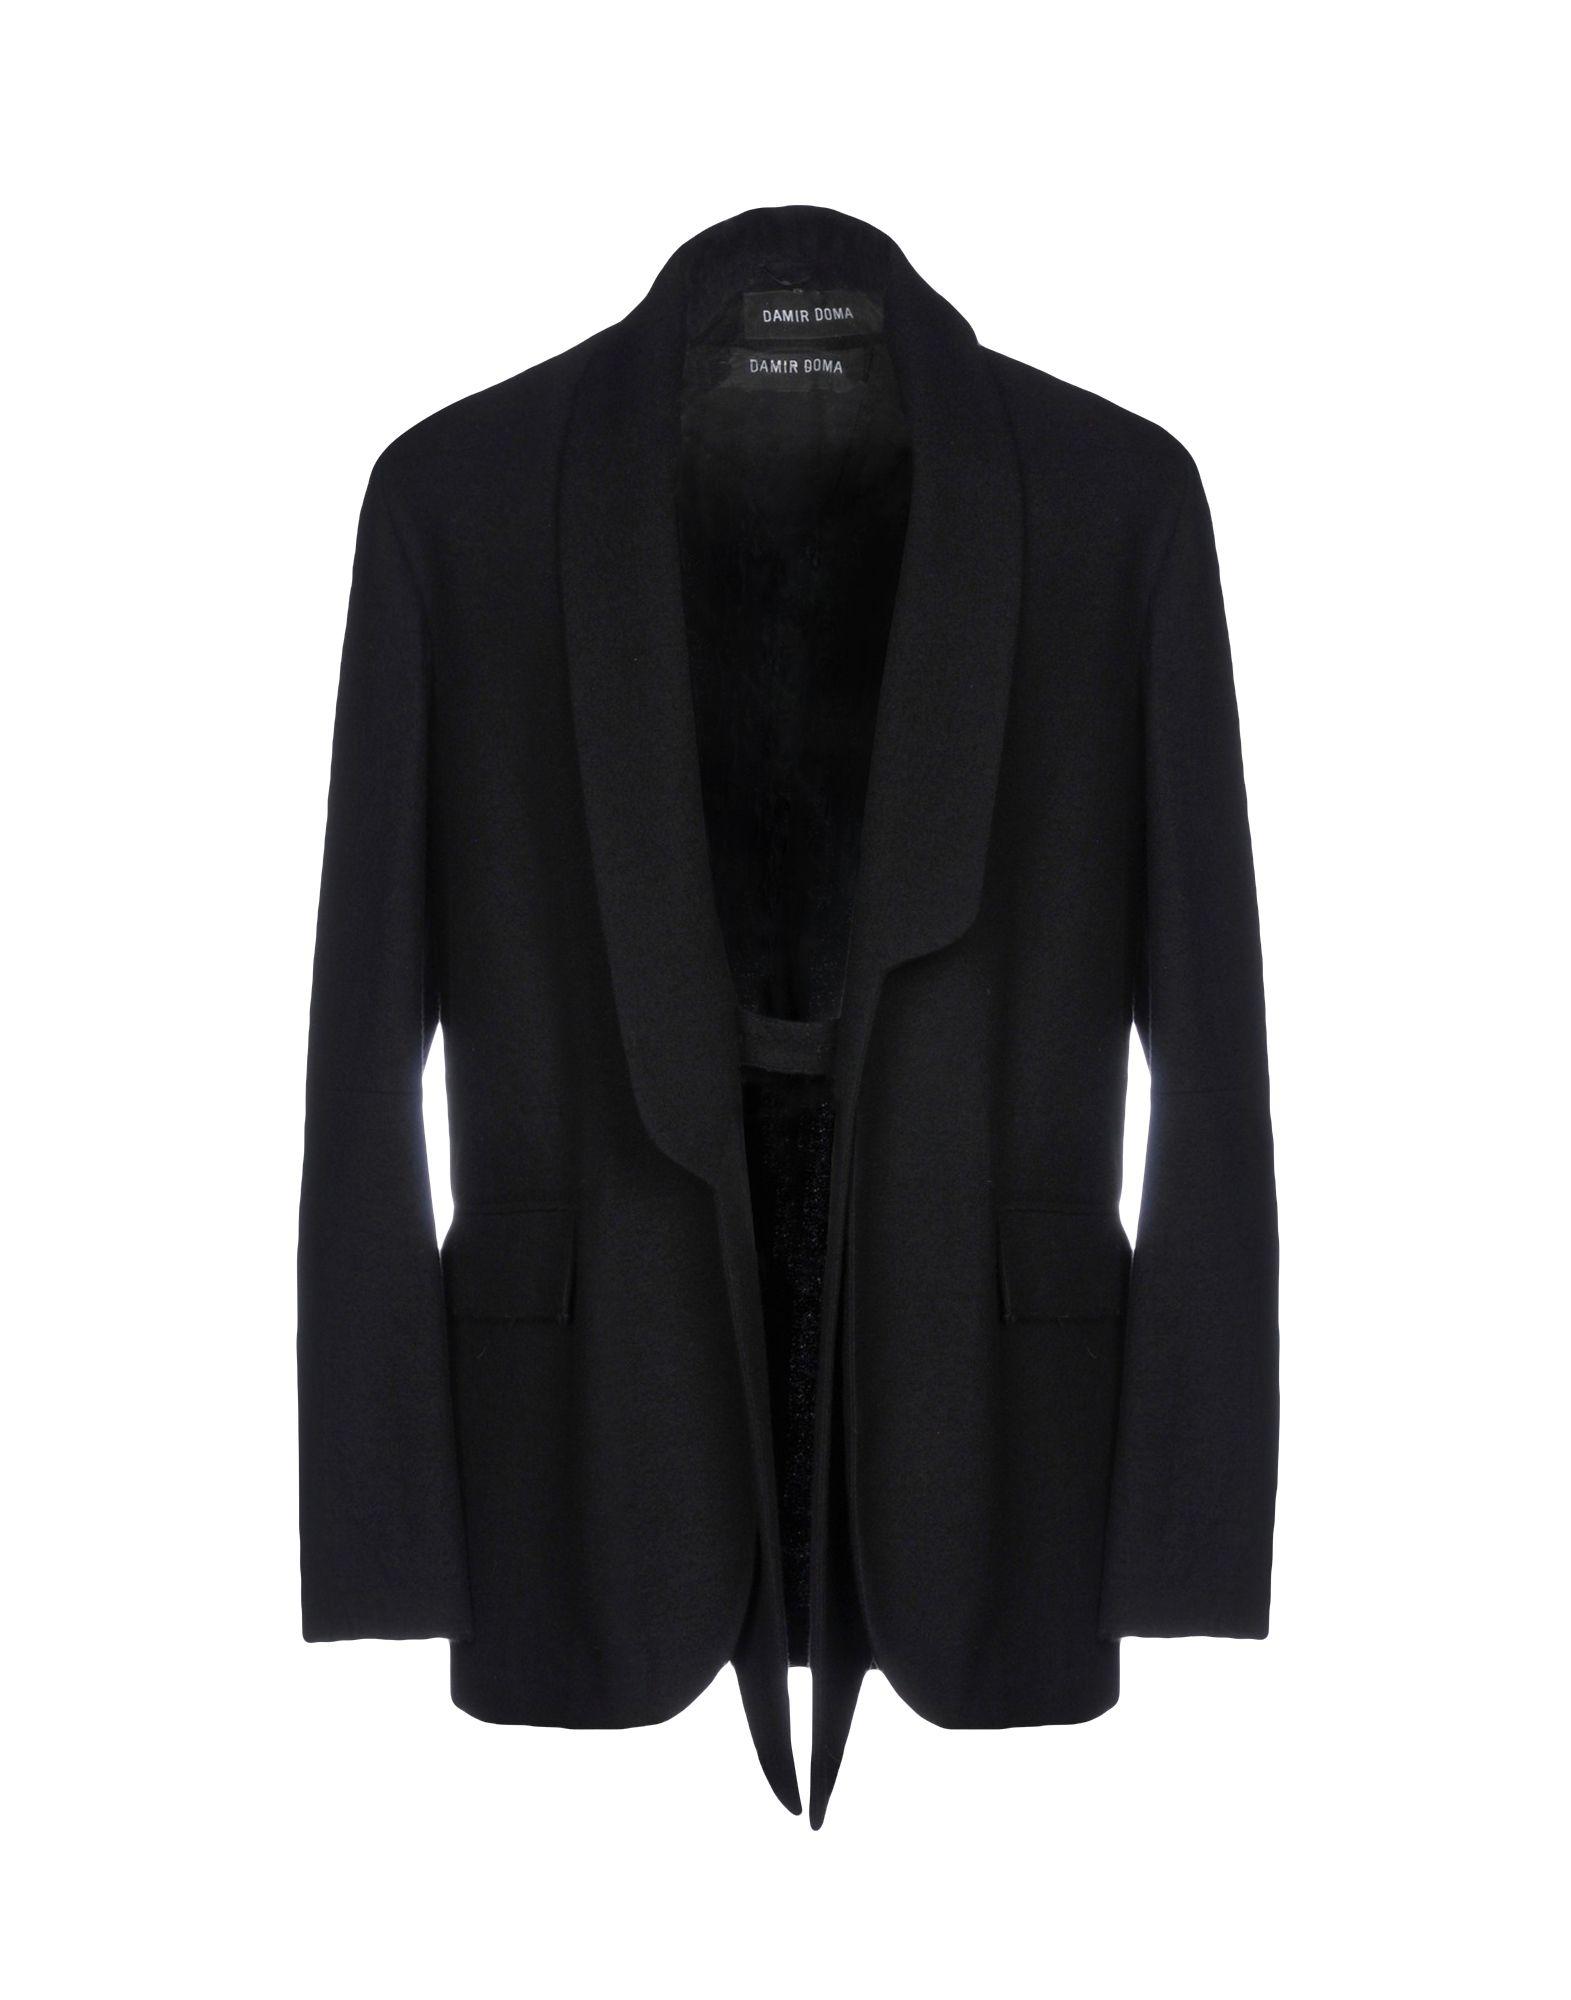 《送料無料》DAMIR DOMA メンズ テーラードジャケット ブラック 52 バージンウール 100%